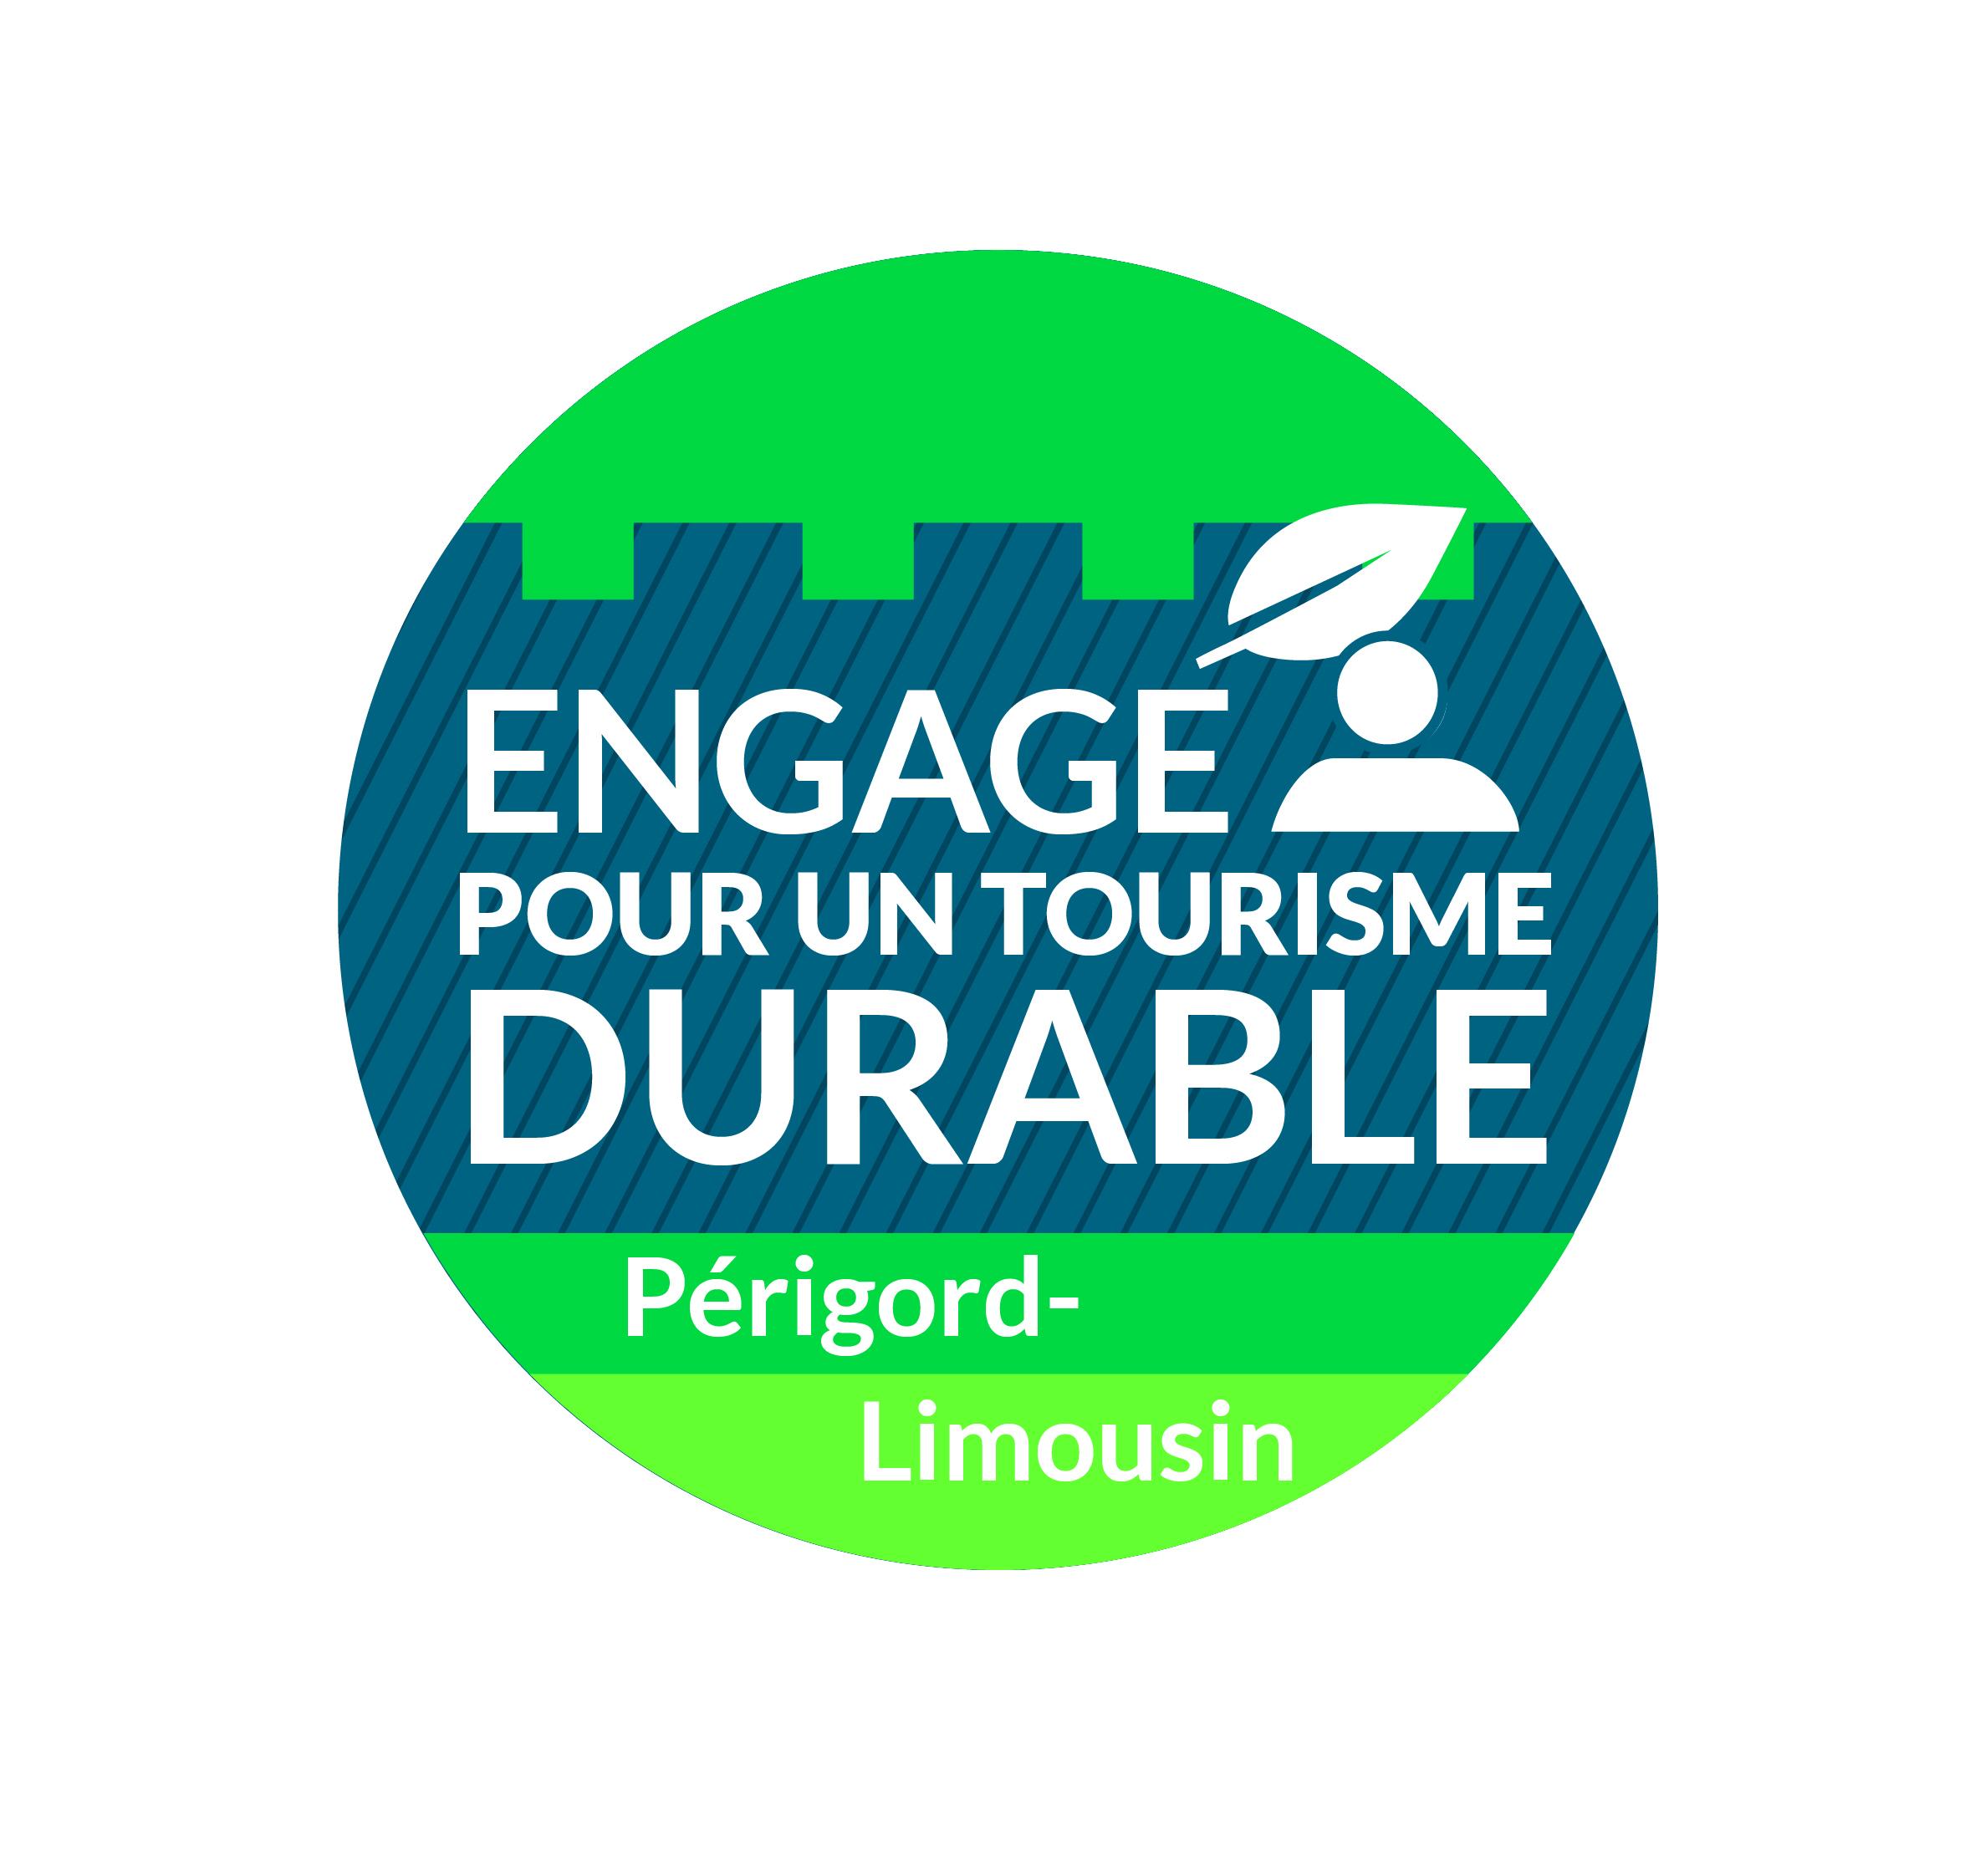 logo-tourisme-durable